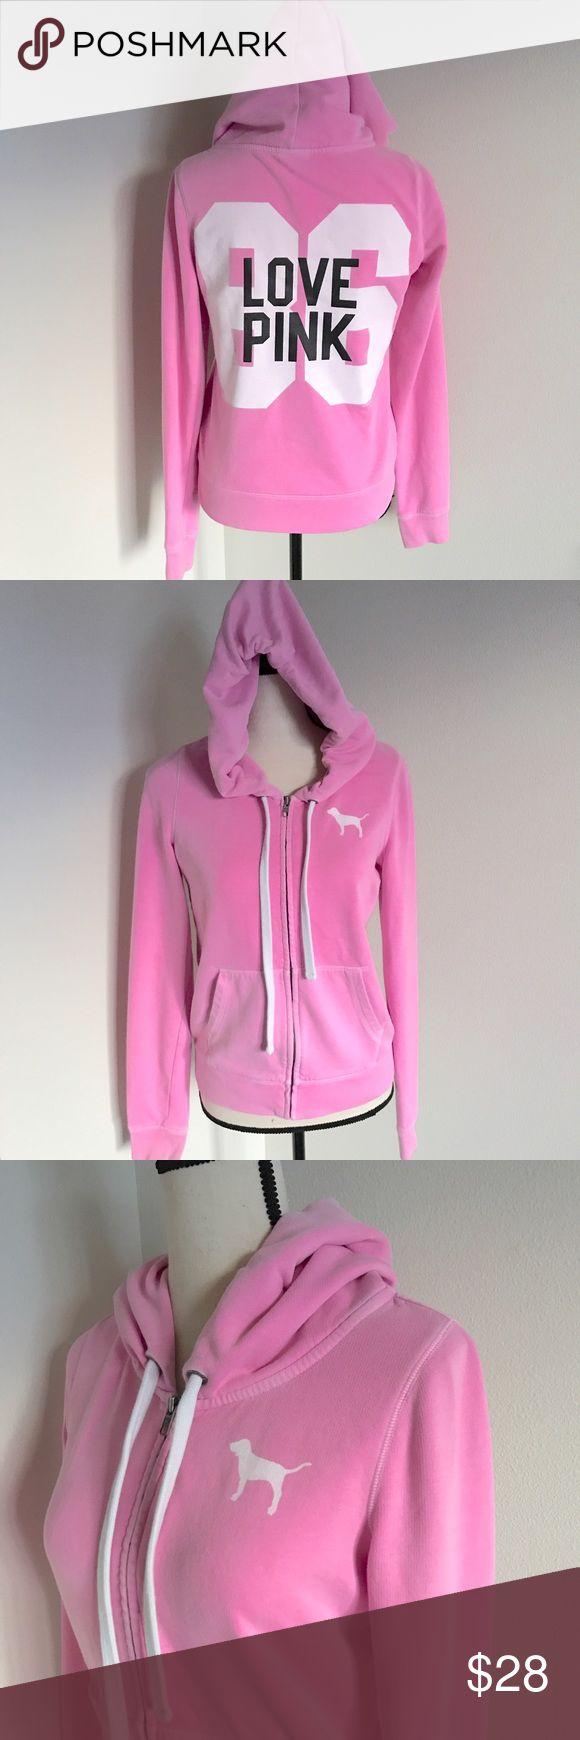 PINK hoodie PINK zip up hoodie ~ excellent condition PINK Victoria's Secret Tops Sweatshirts & Hoodies